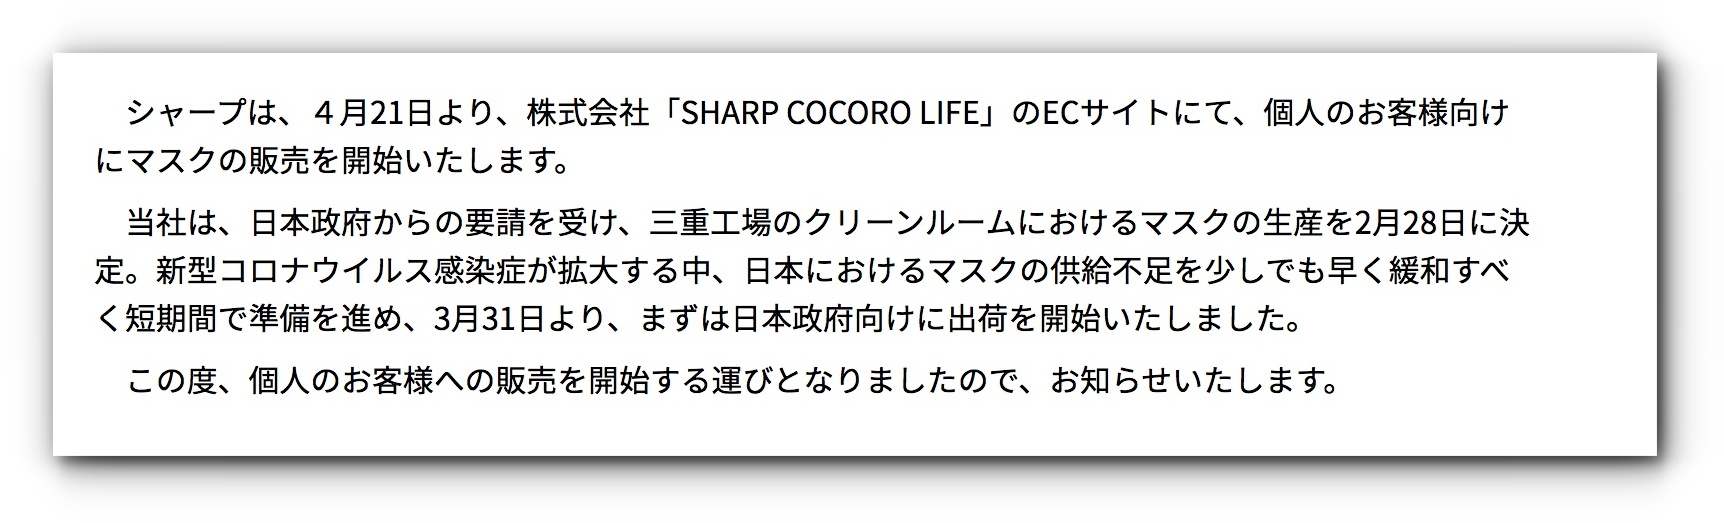 販売 シャープ マスク サイト ストア ココロ シャープ製マスク販売開始も通販サイトアクセス困難